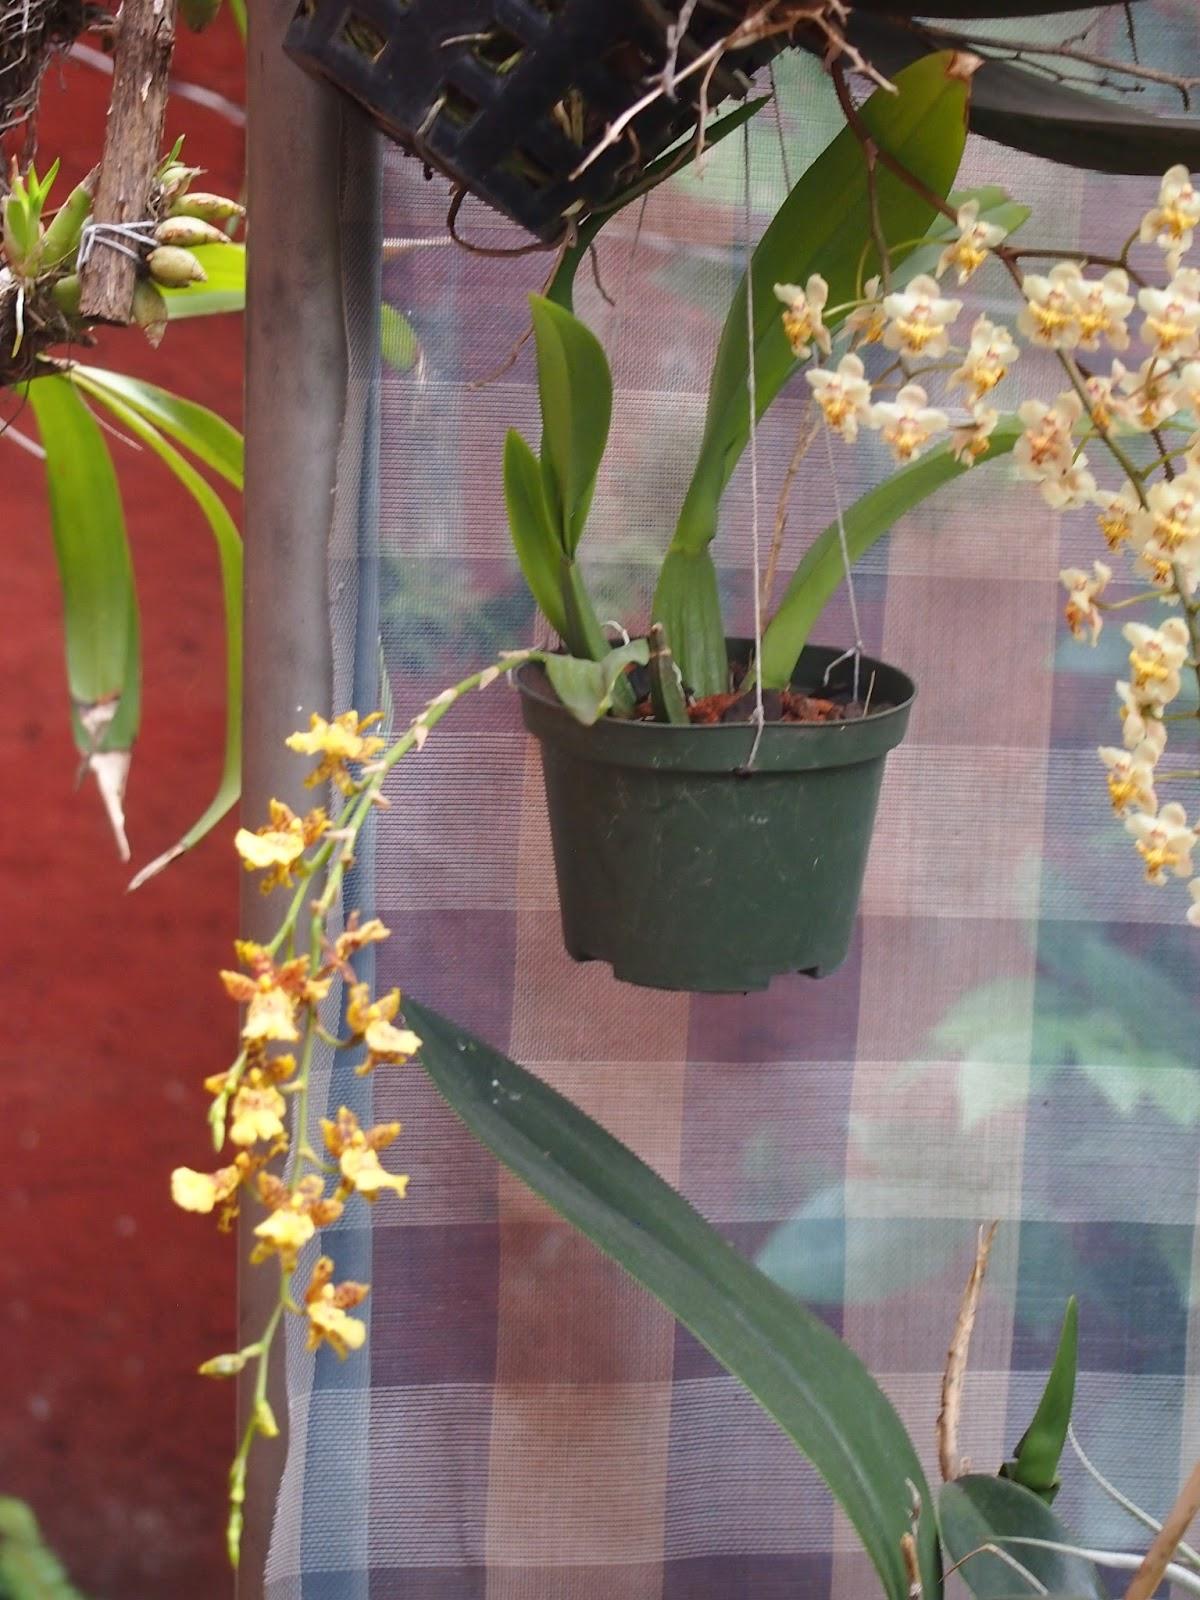 la inflorecencia tiene un patron de desarrollo predominantemente de leochilus, pero el doble de largo. Finalmente la flor parece un leochilus grandote,